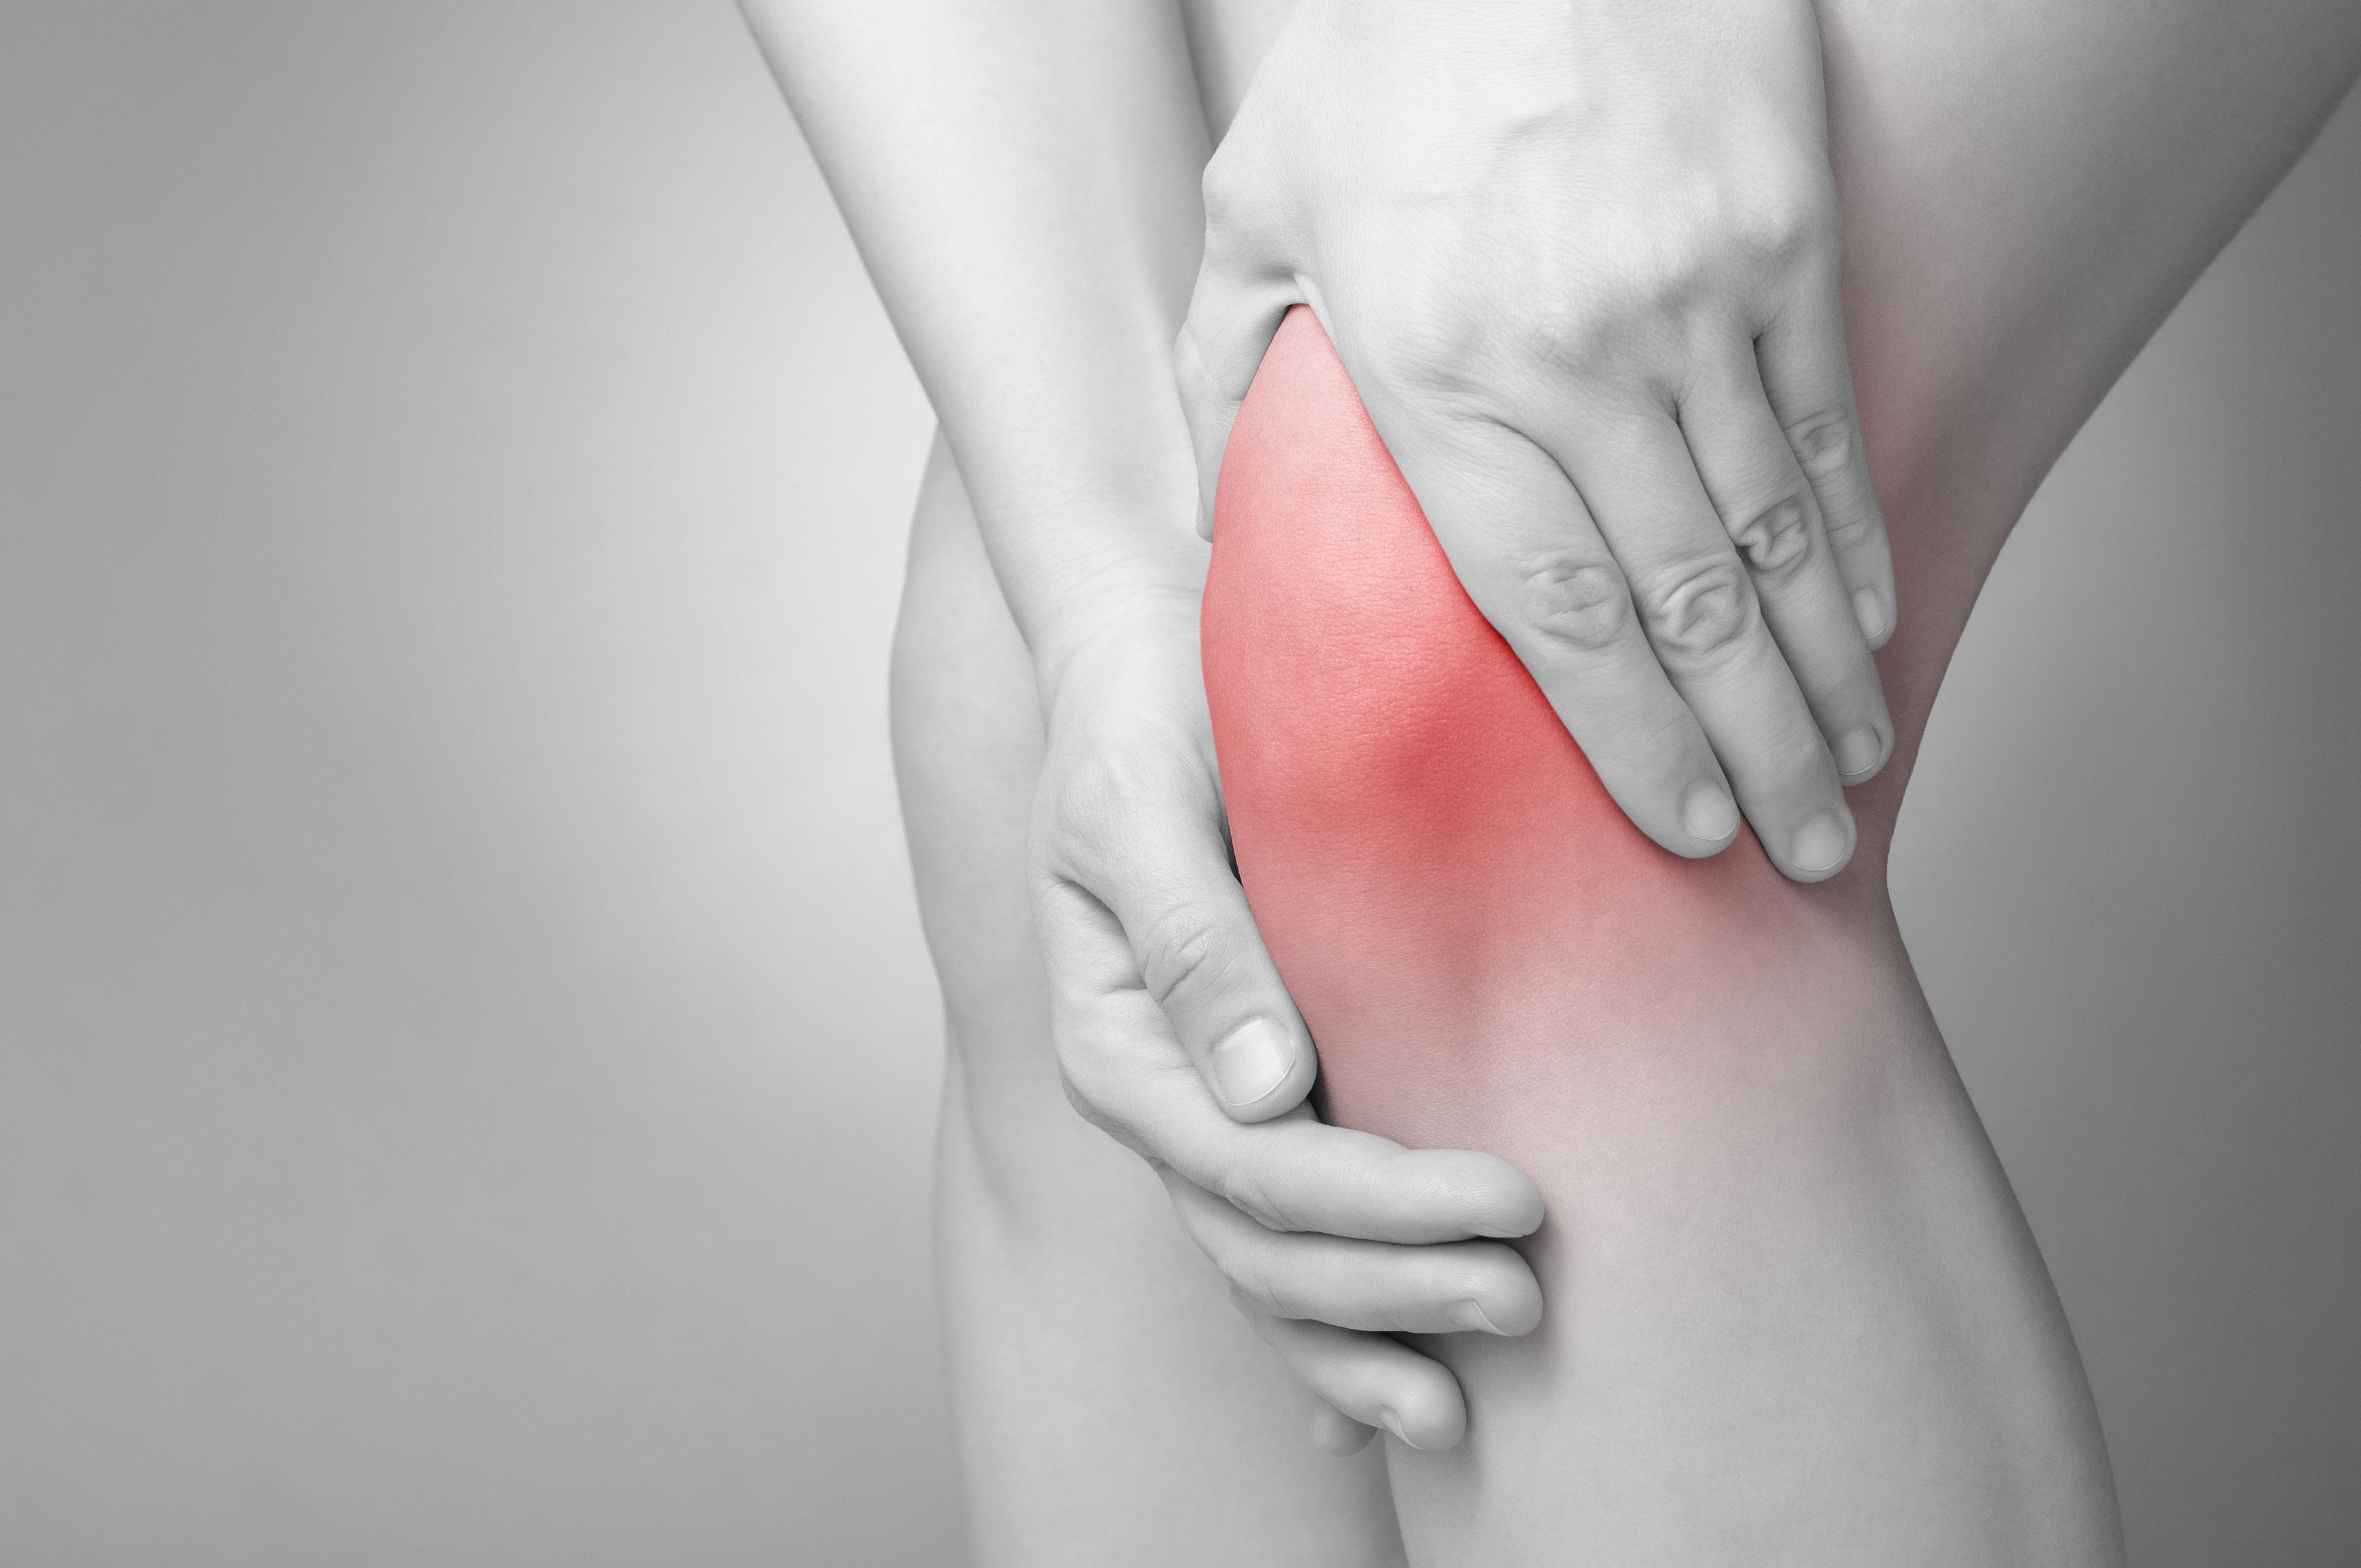 Киста коленного сустава